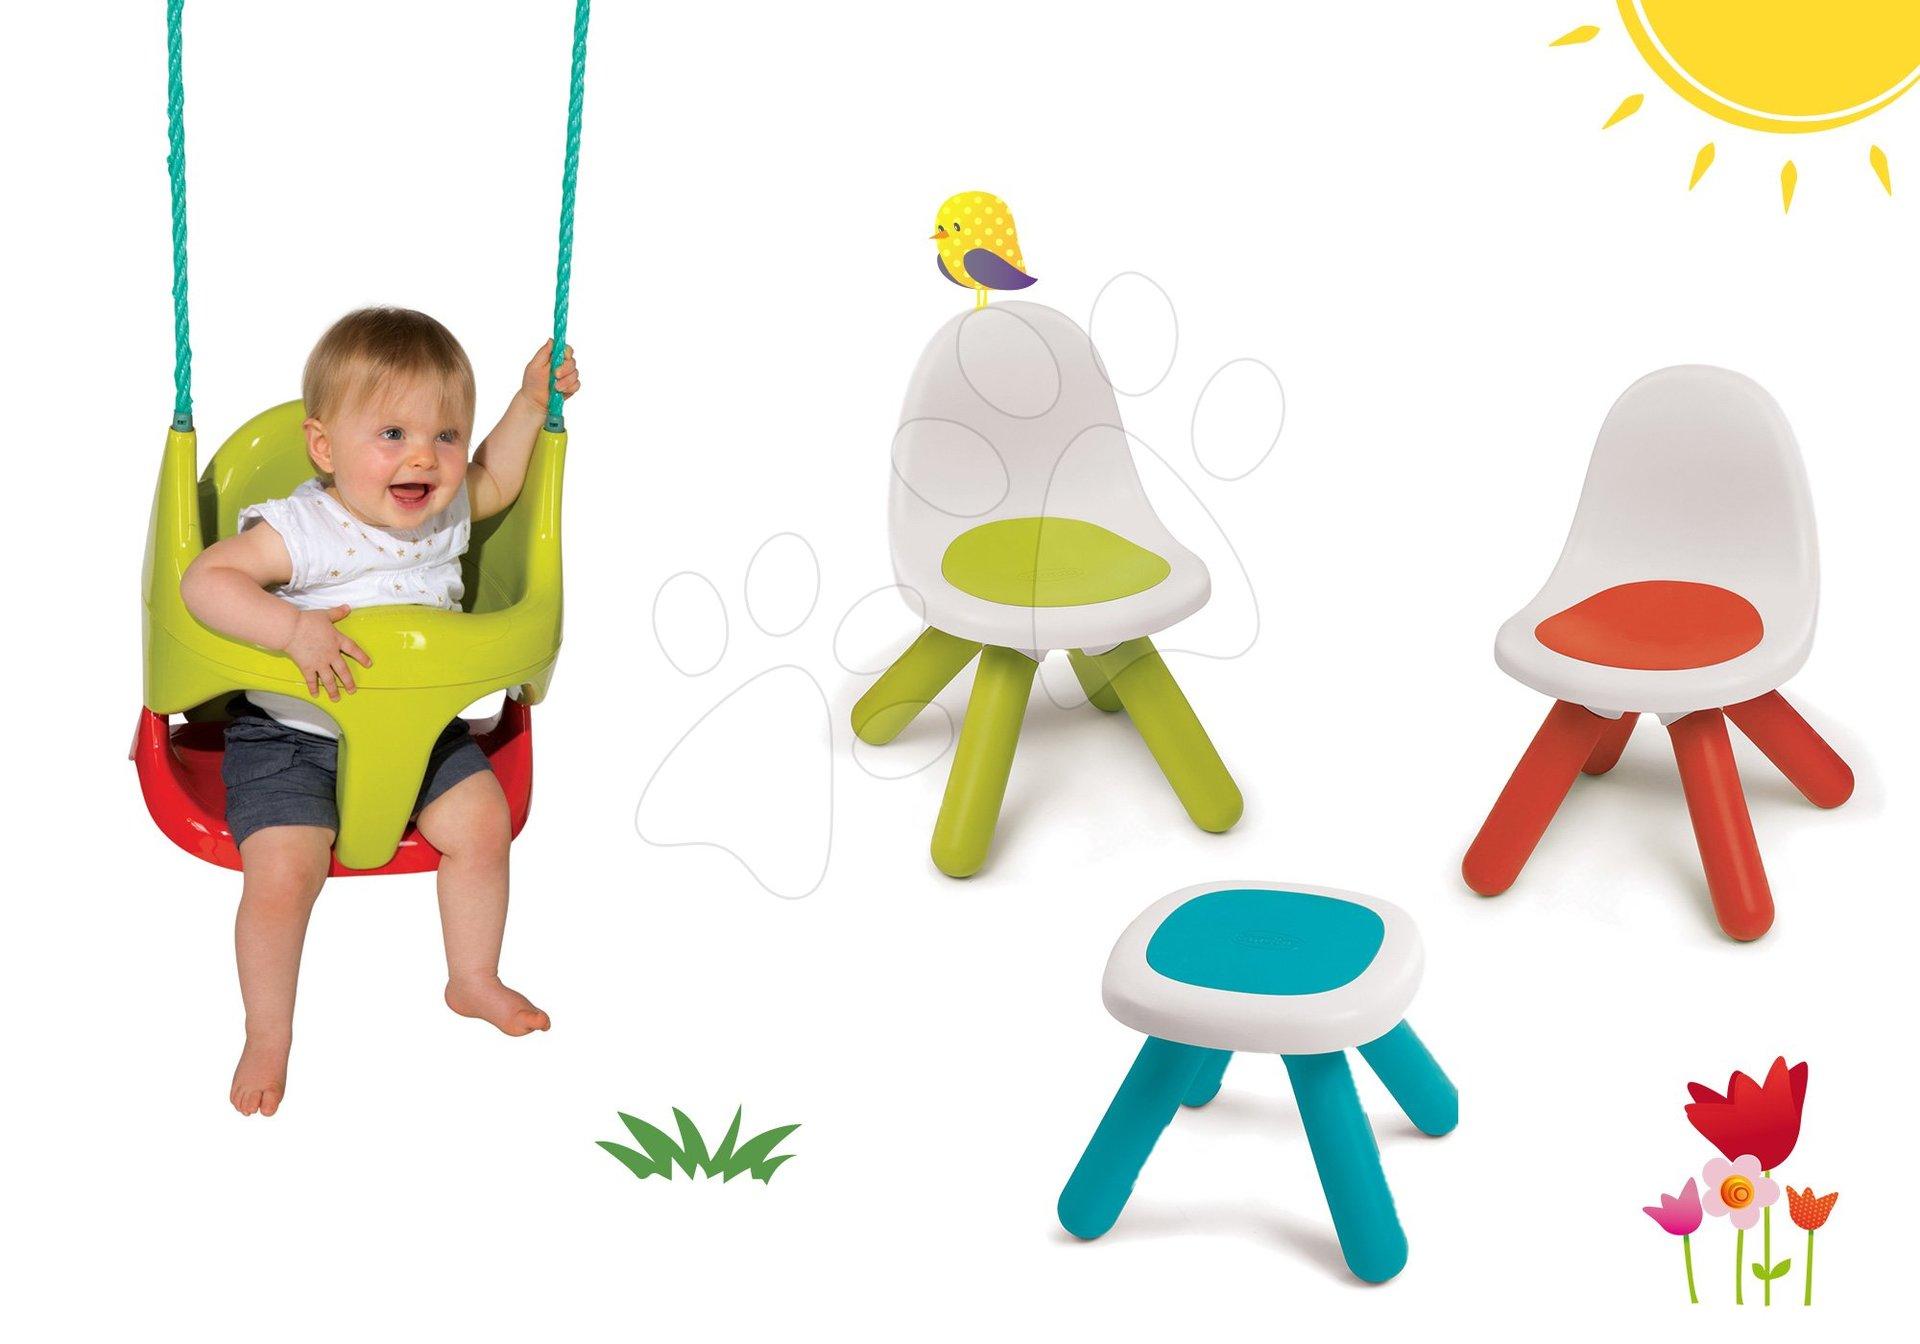 Smoby hojdačka pre deti Bebe 2v1 a detský stôl Piknik s dvoma stoličkami KidChair 310194-1